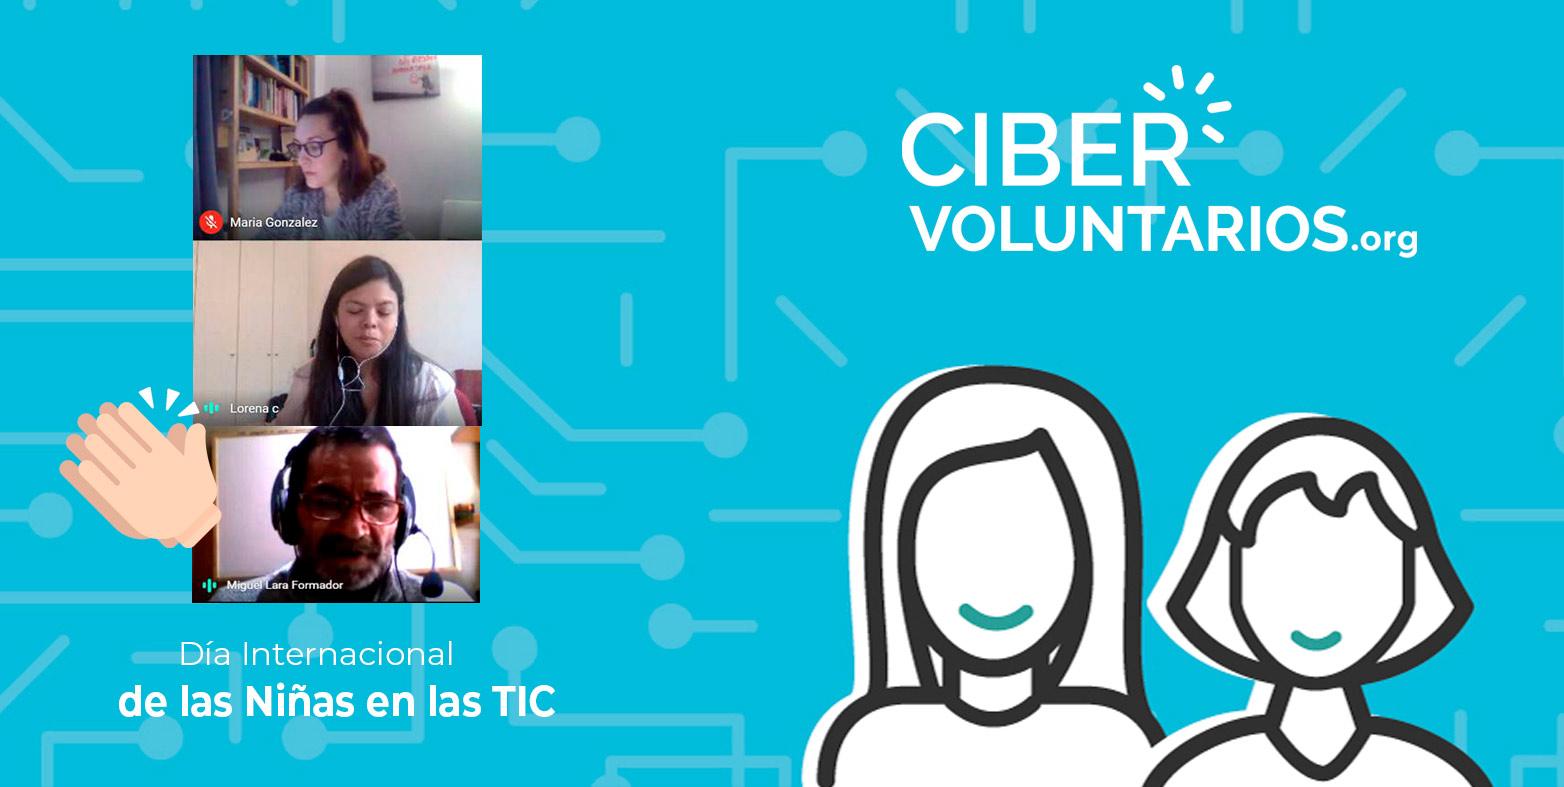 Fundación Cibervoluntarios fomenta el papel de las mujeres y niñas en las TIC